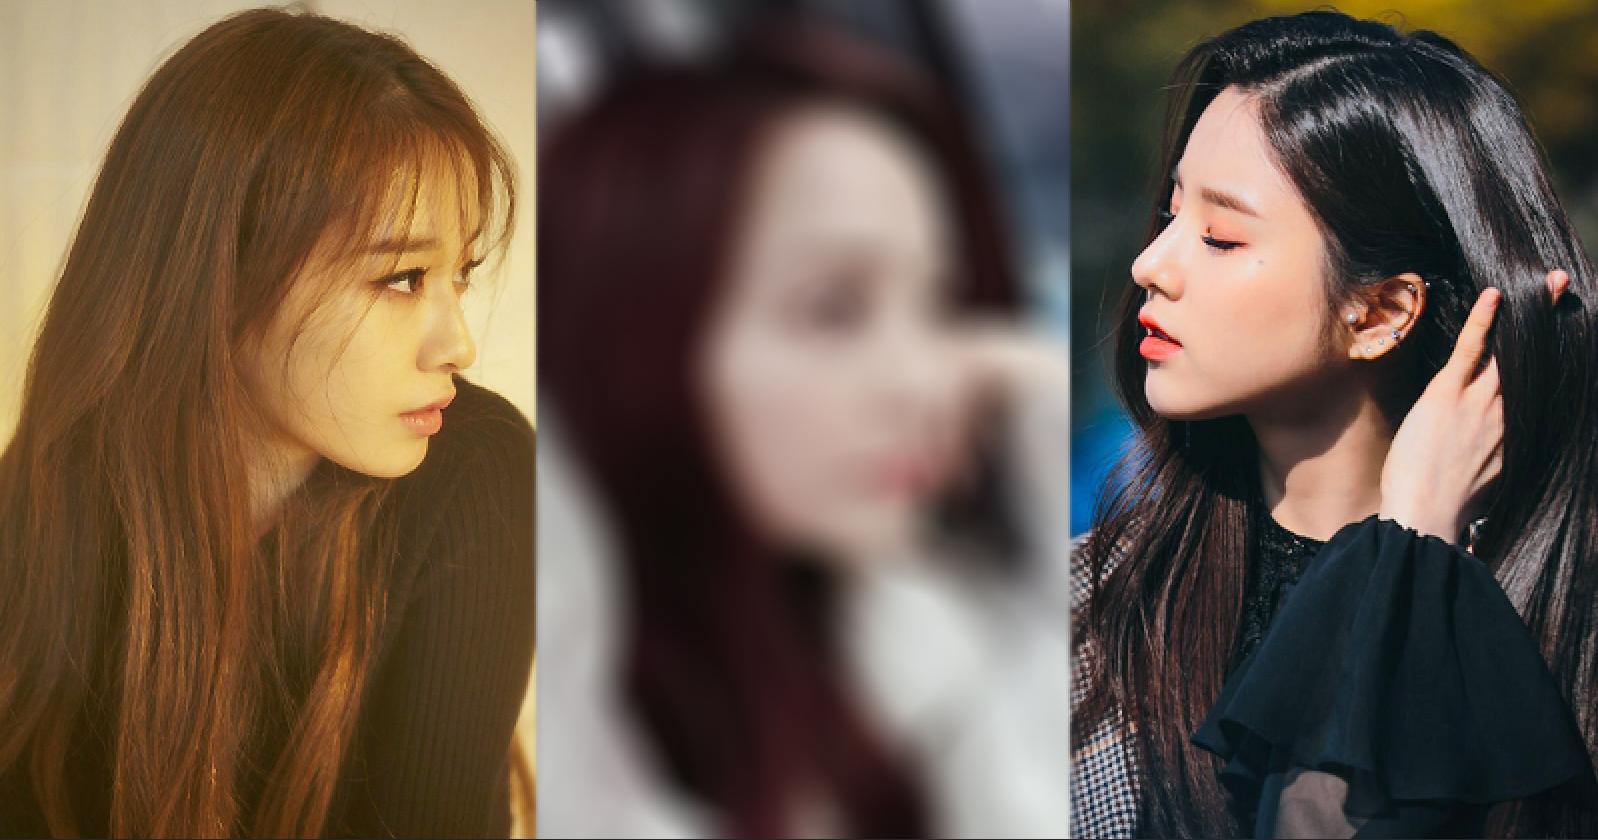 8 Female K-Pop Idols Who Get Praised for Goddess-like Side Profiles